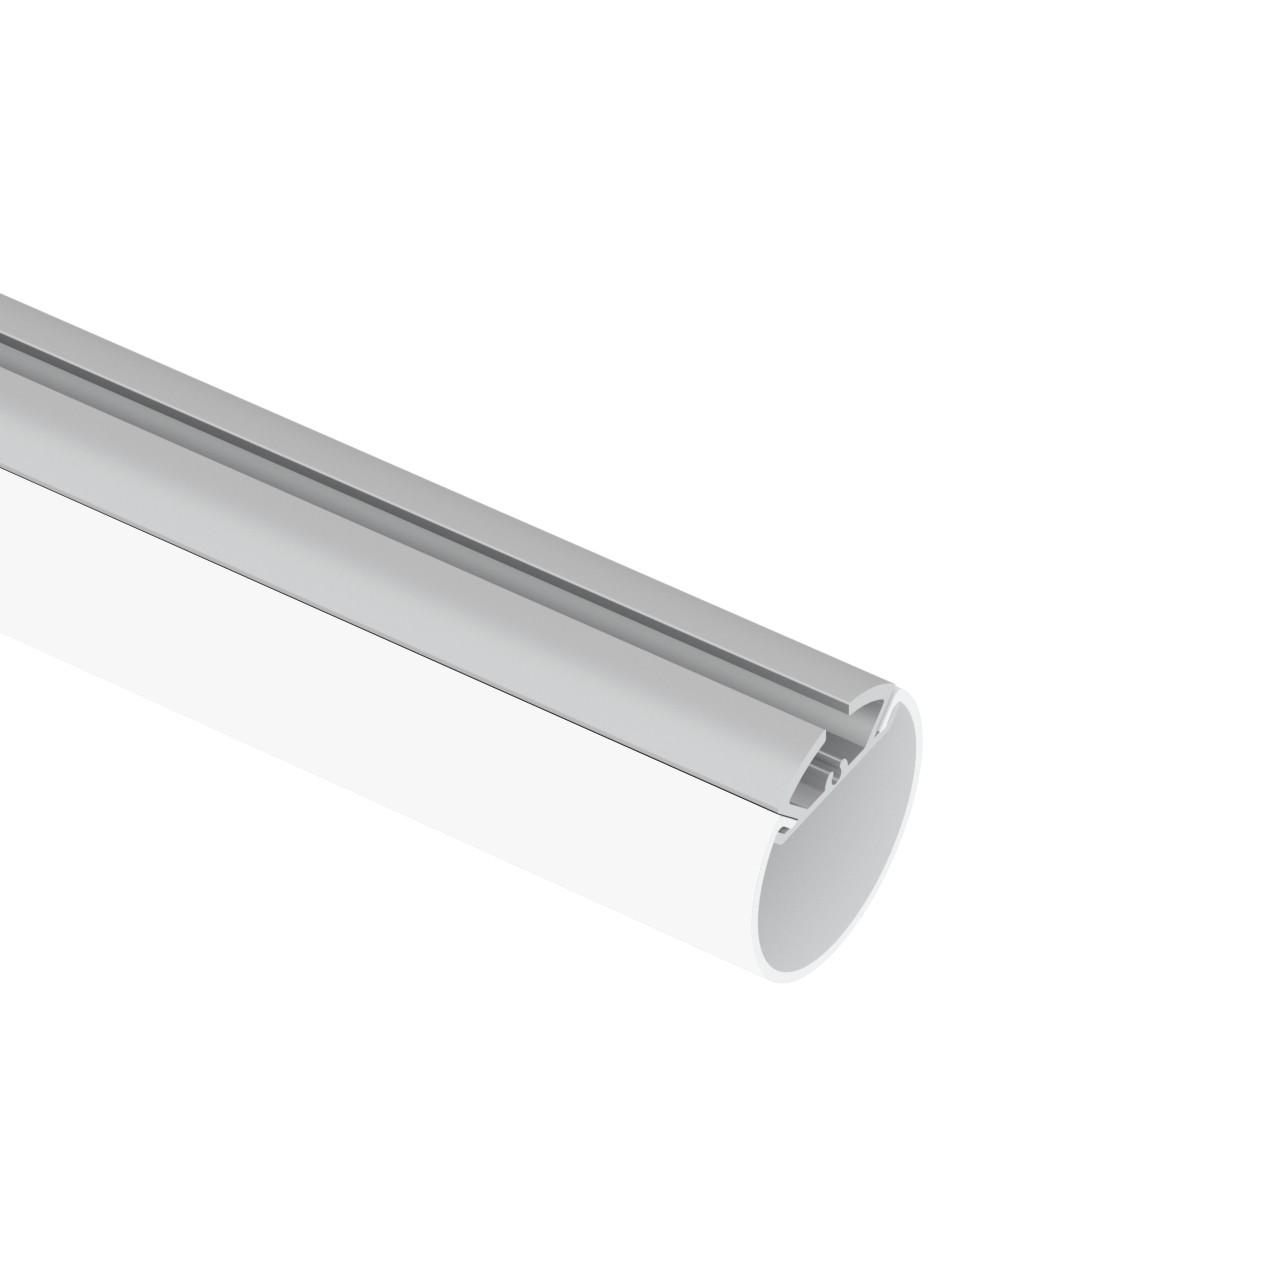 R30 Runde 60mm profil til suspension